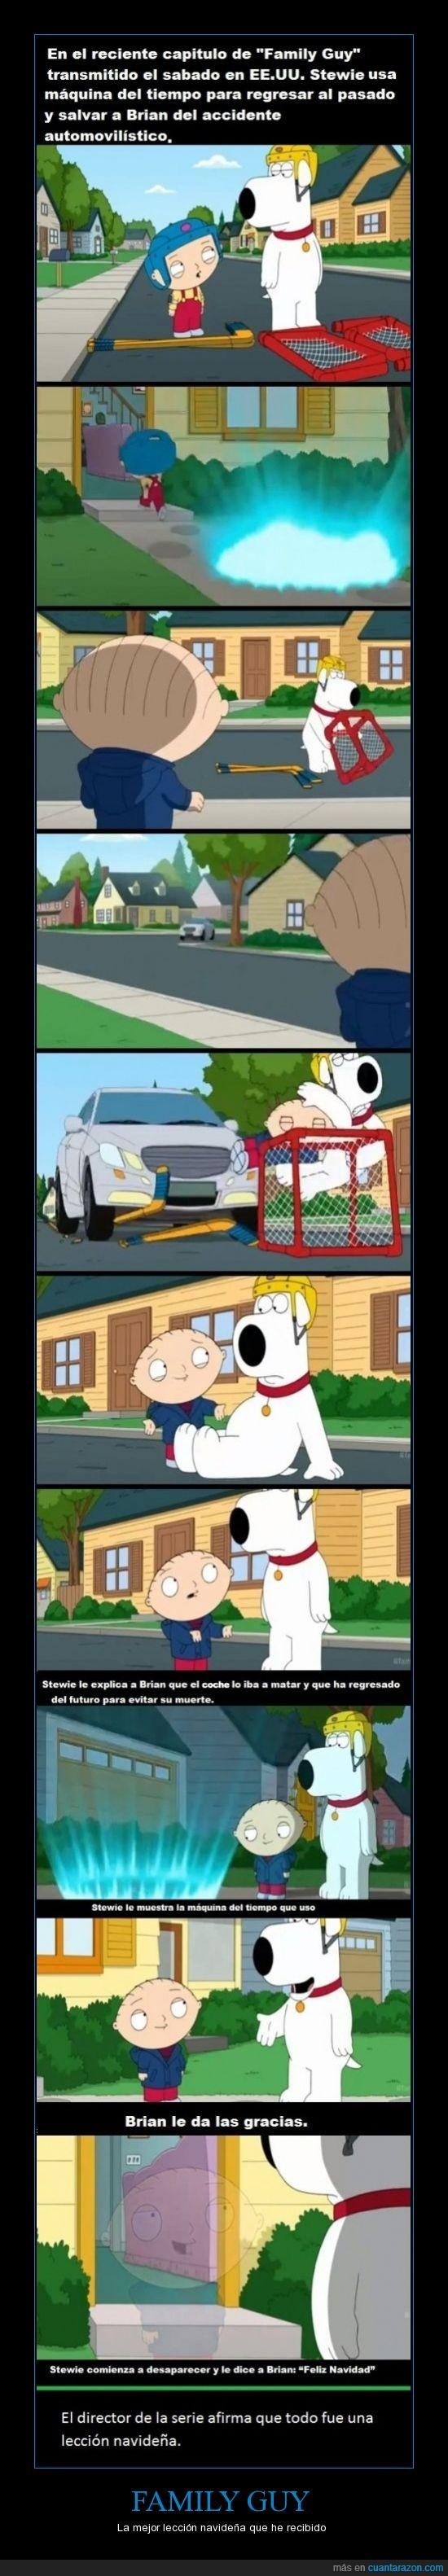 Accidente,Brian,Family Guy,Lección,Navidad,Stewie Héroe